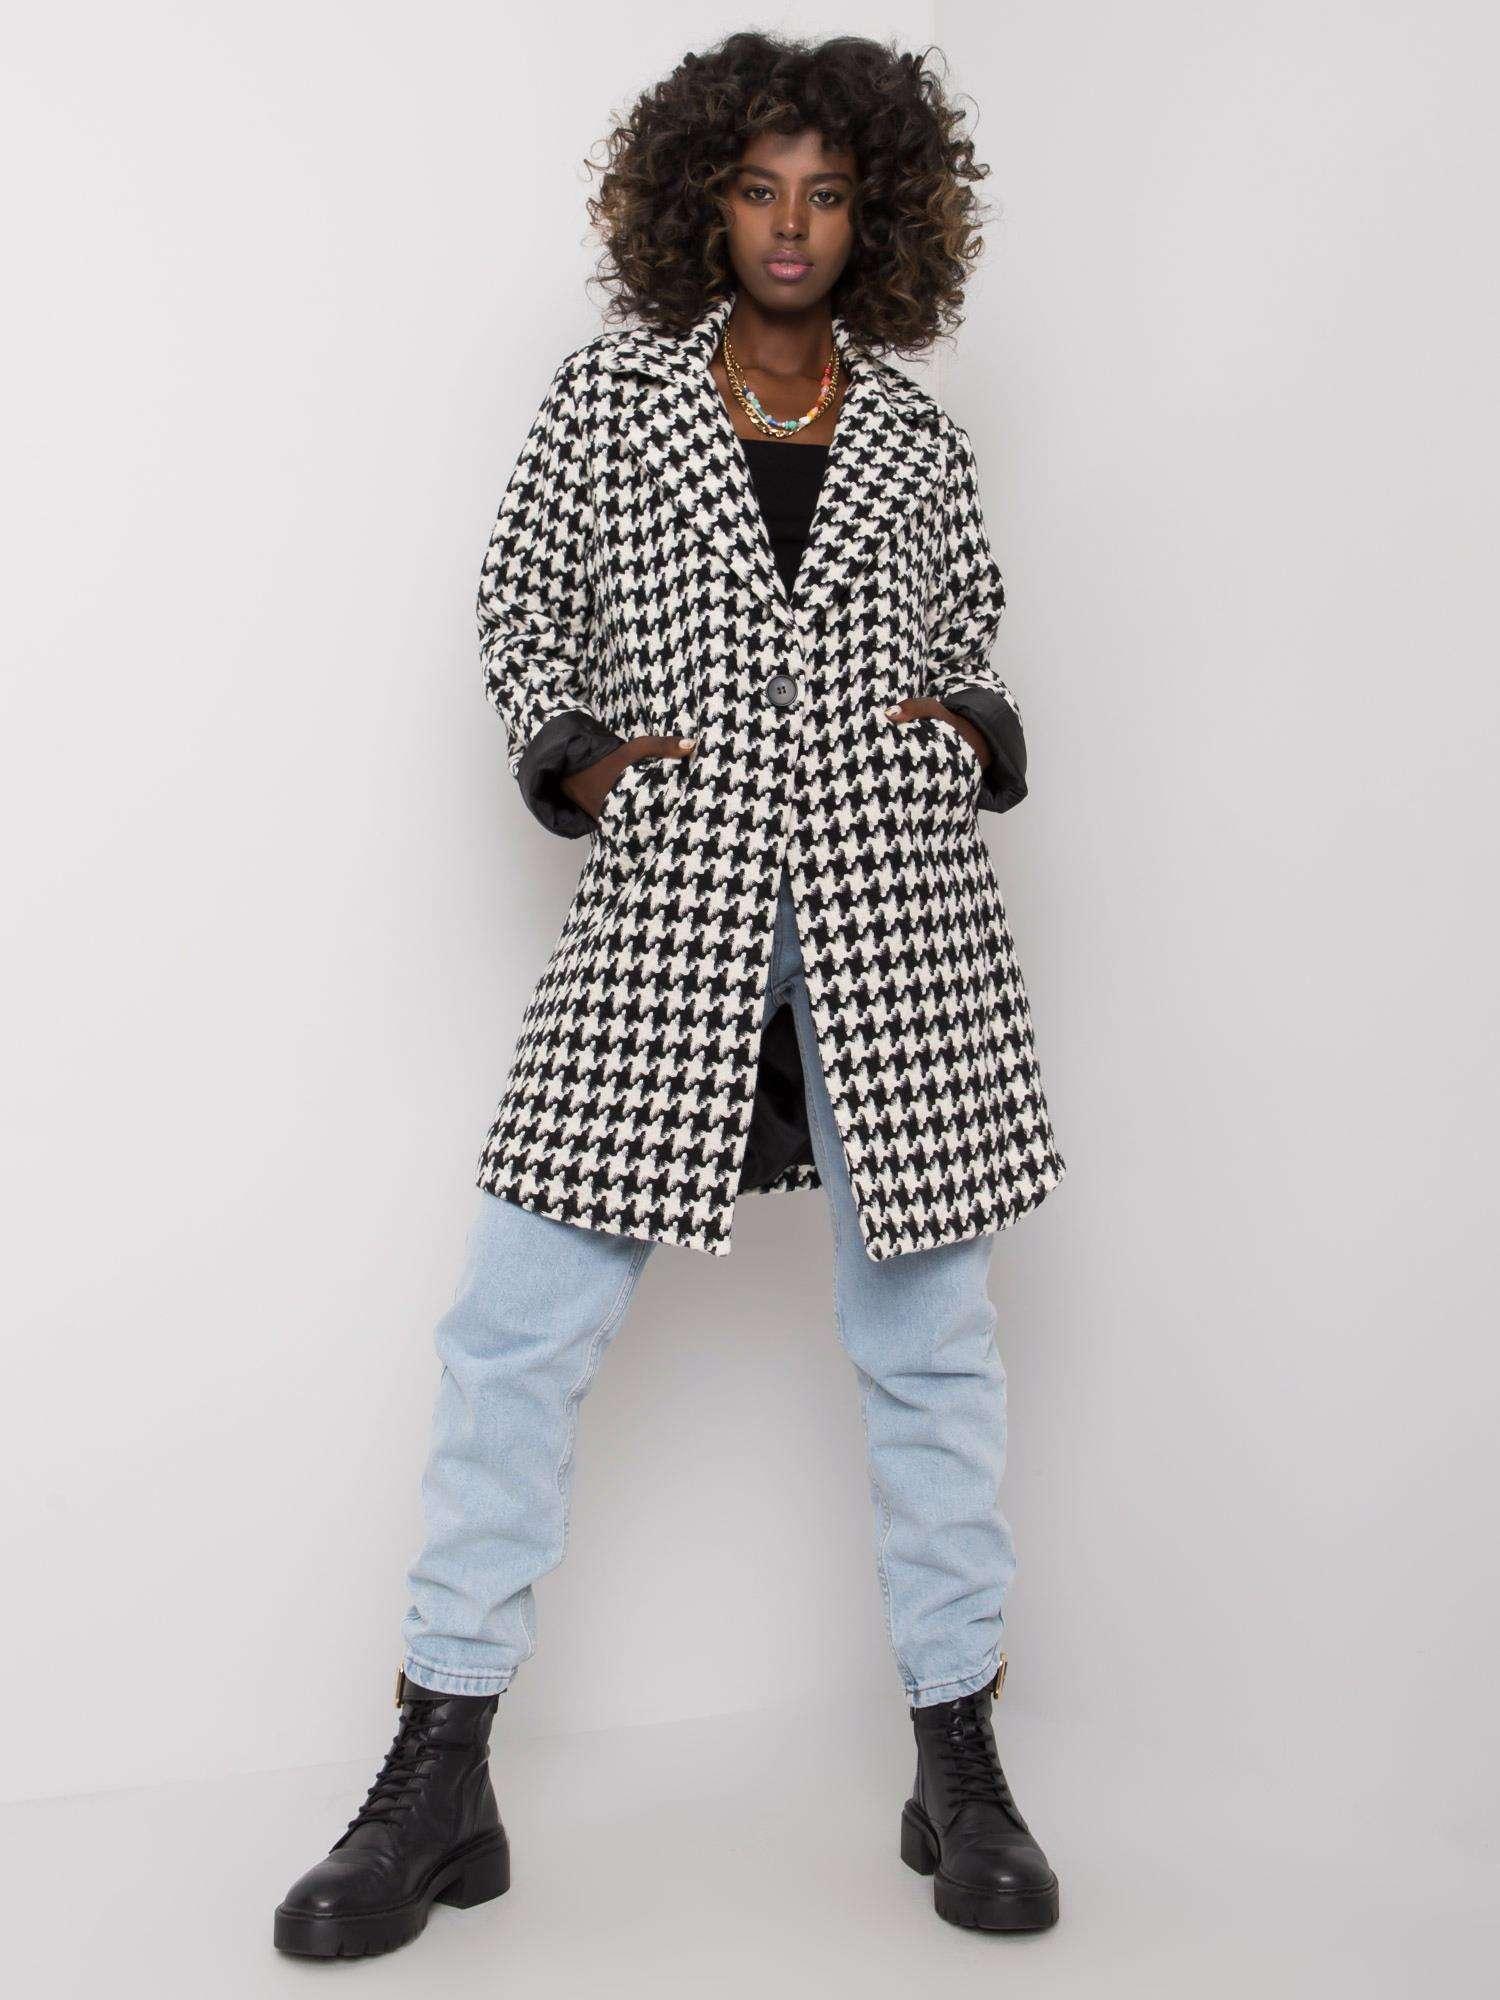 Mantel mit schwarz-weißem Hahnentrittmuster Vorderansicht komplett